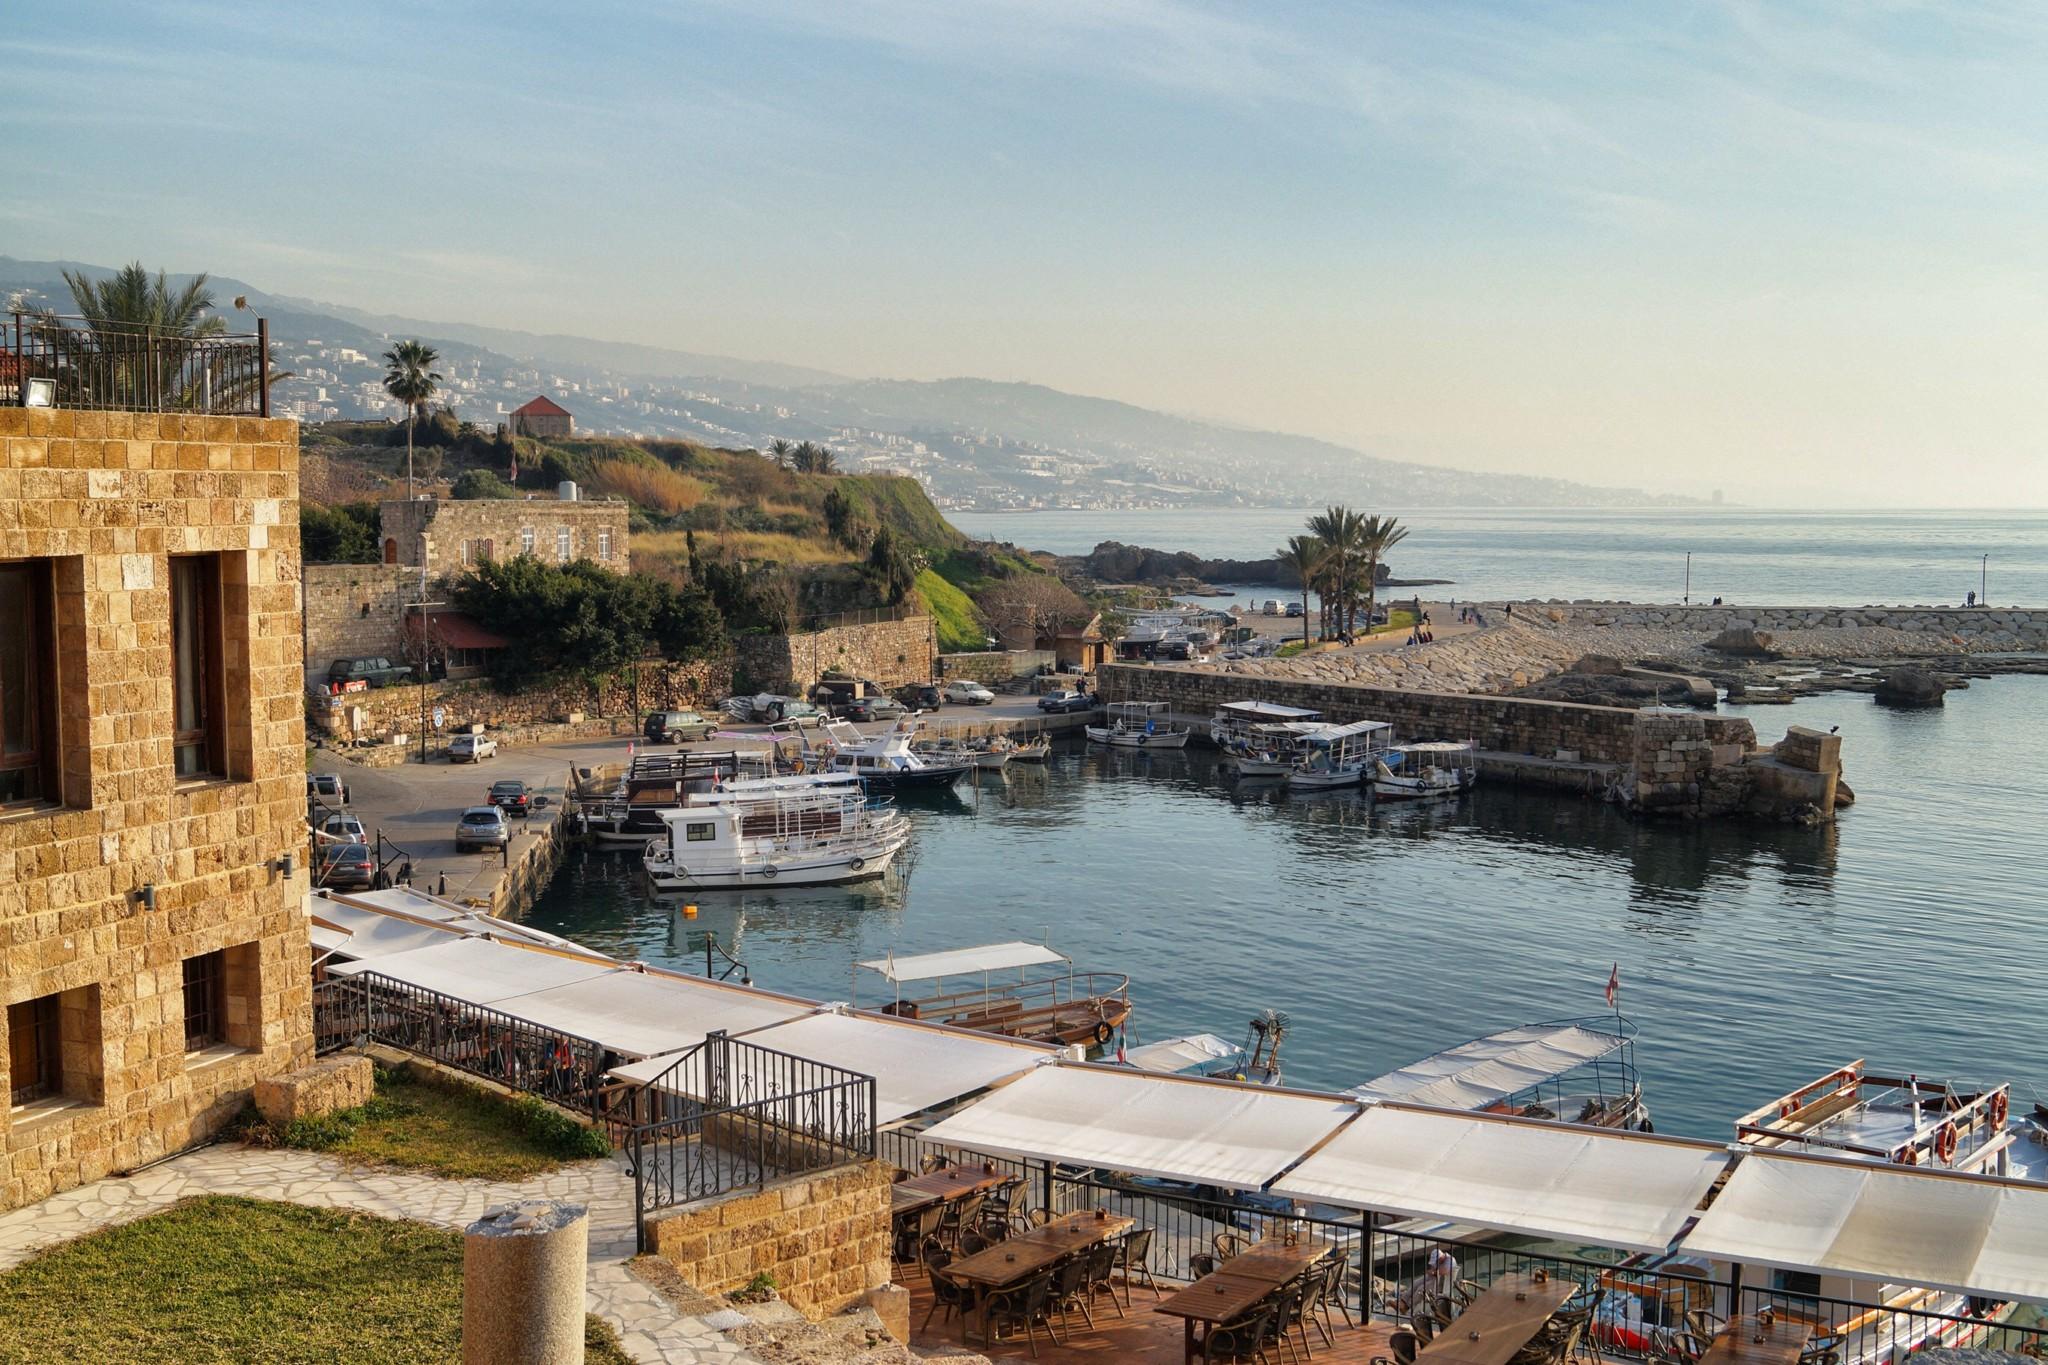 Der Hafen von Batroun